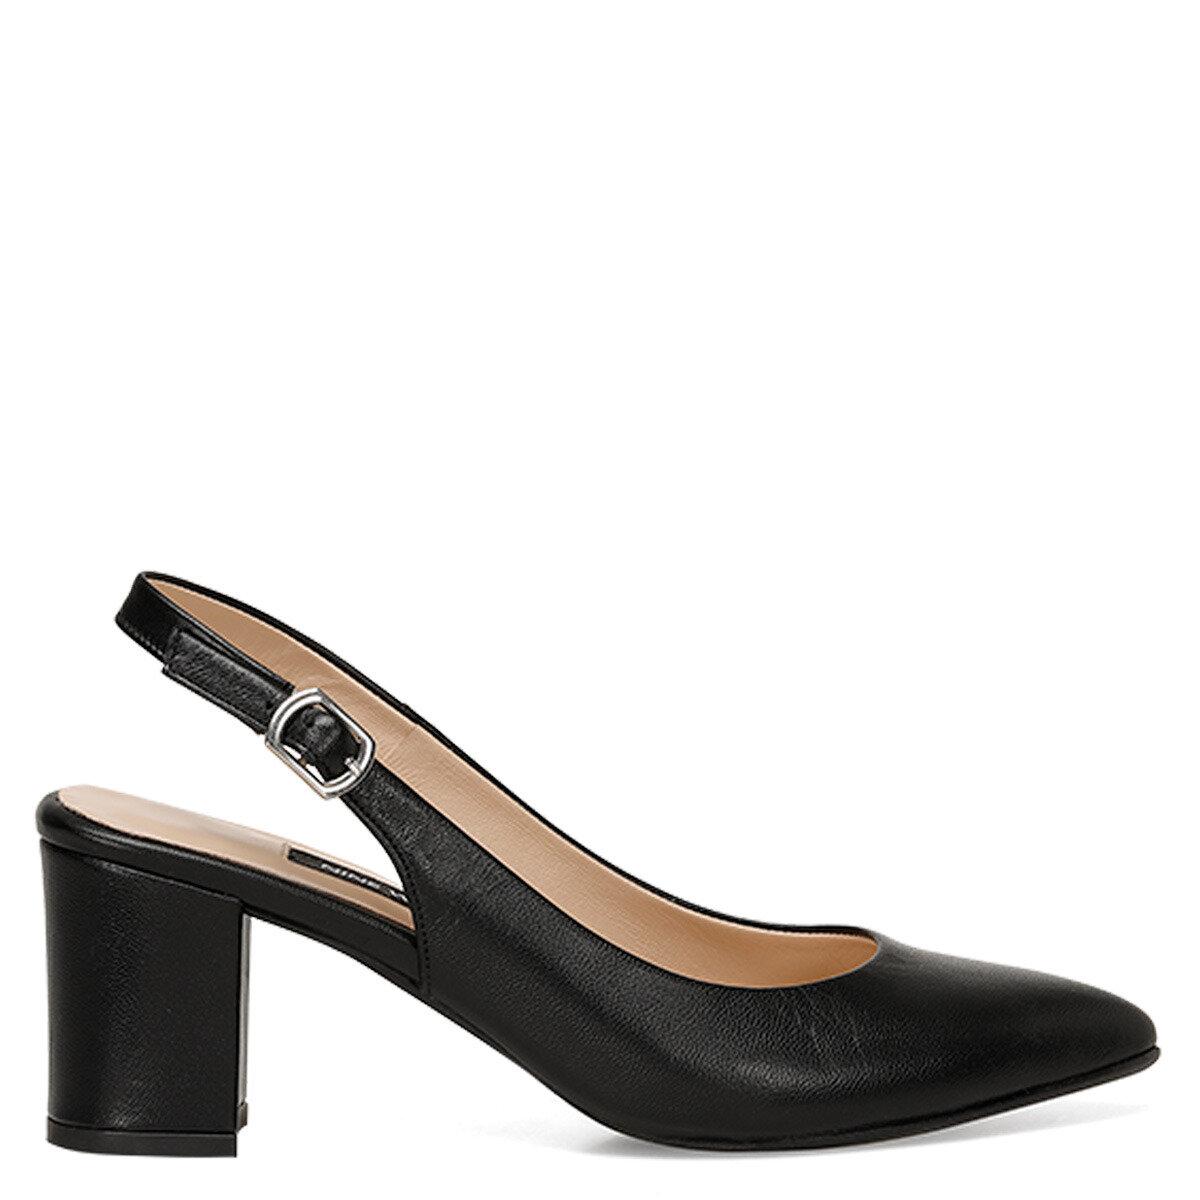 LISET Siyah Kadın Topuklu Ayakkabı